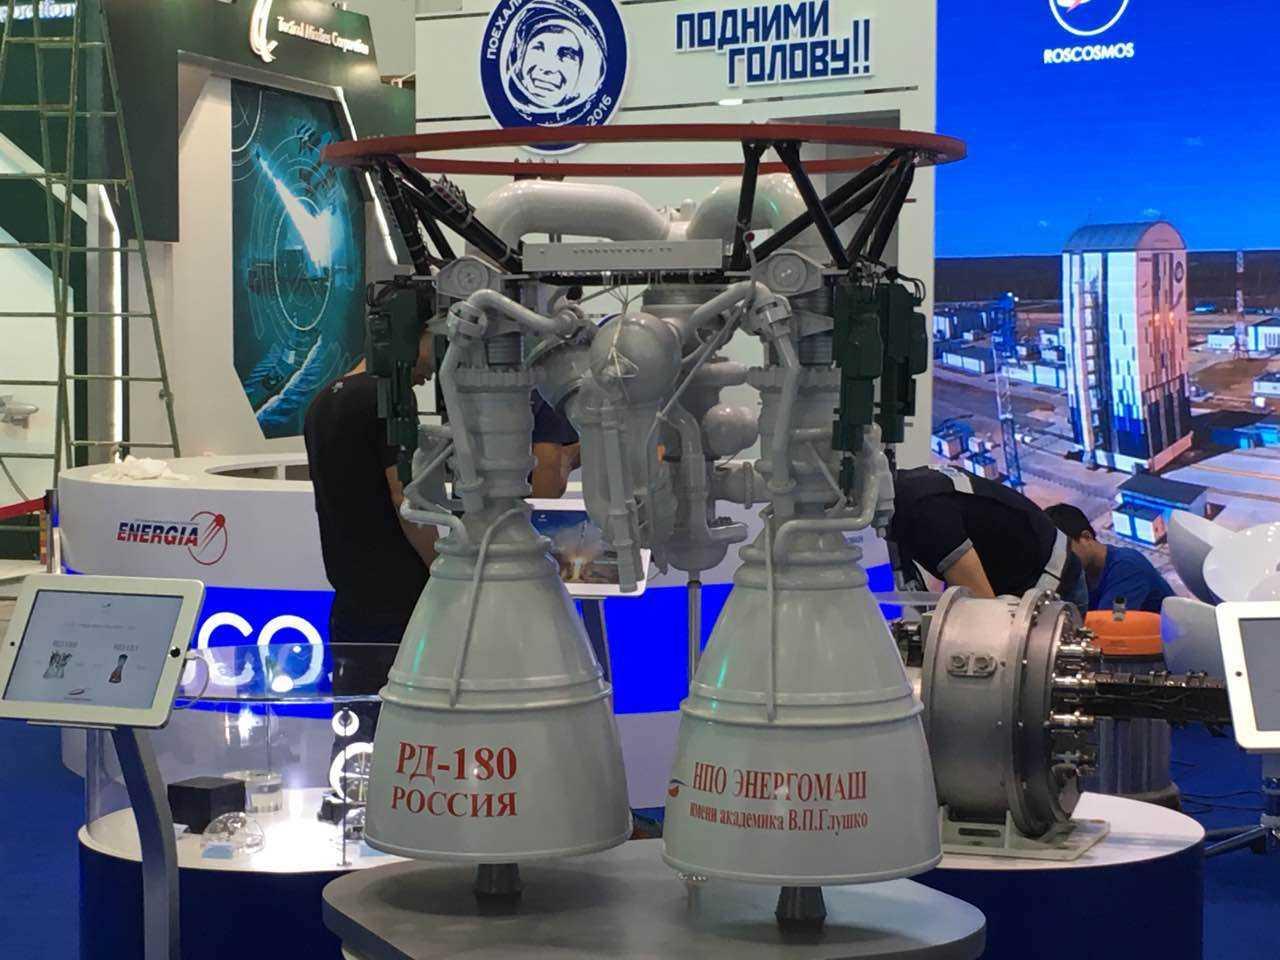 俄媒:俄中友谊将达到月球 中国或离不开俄帮助